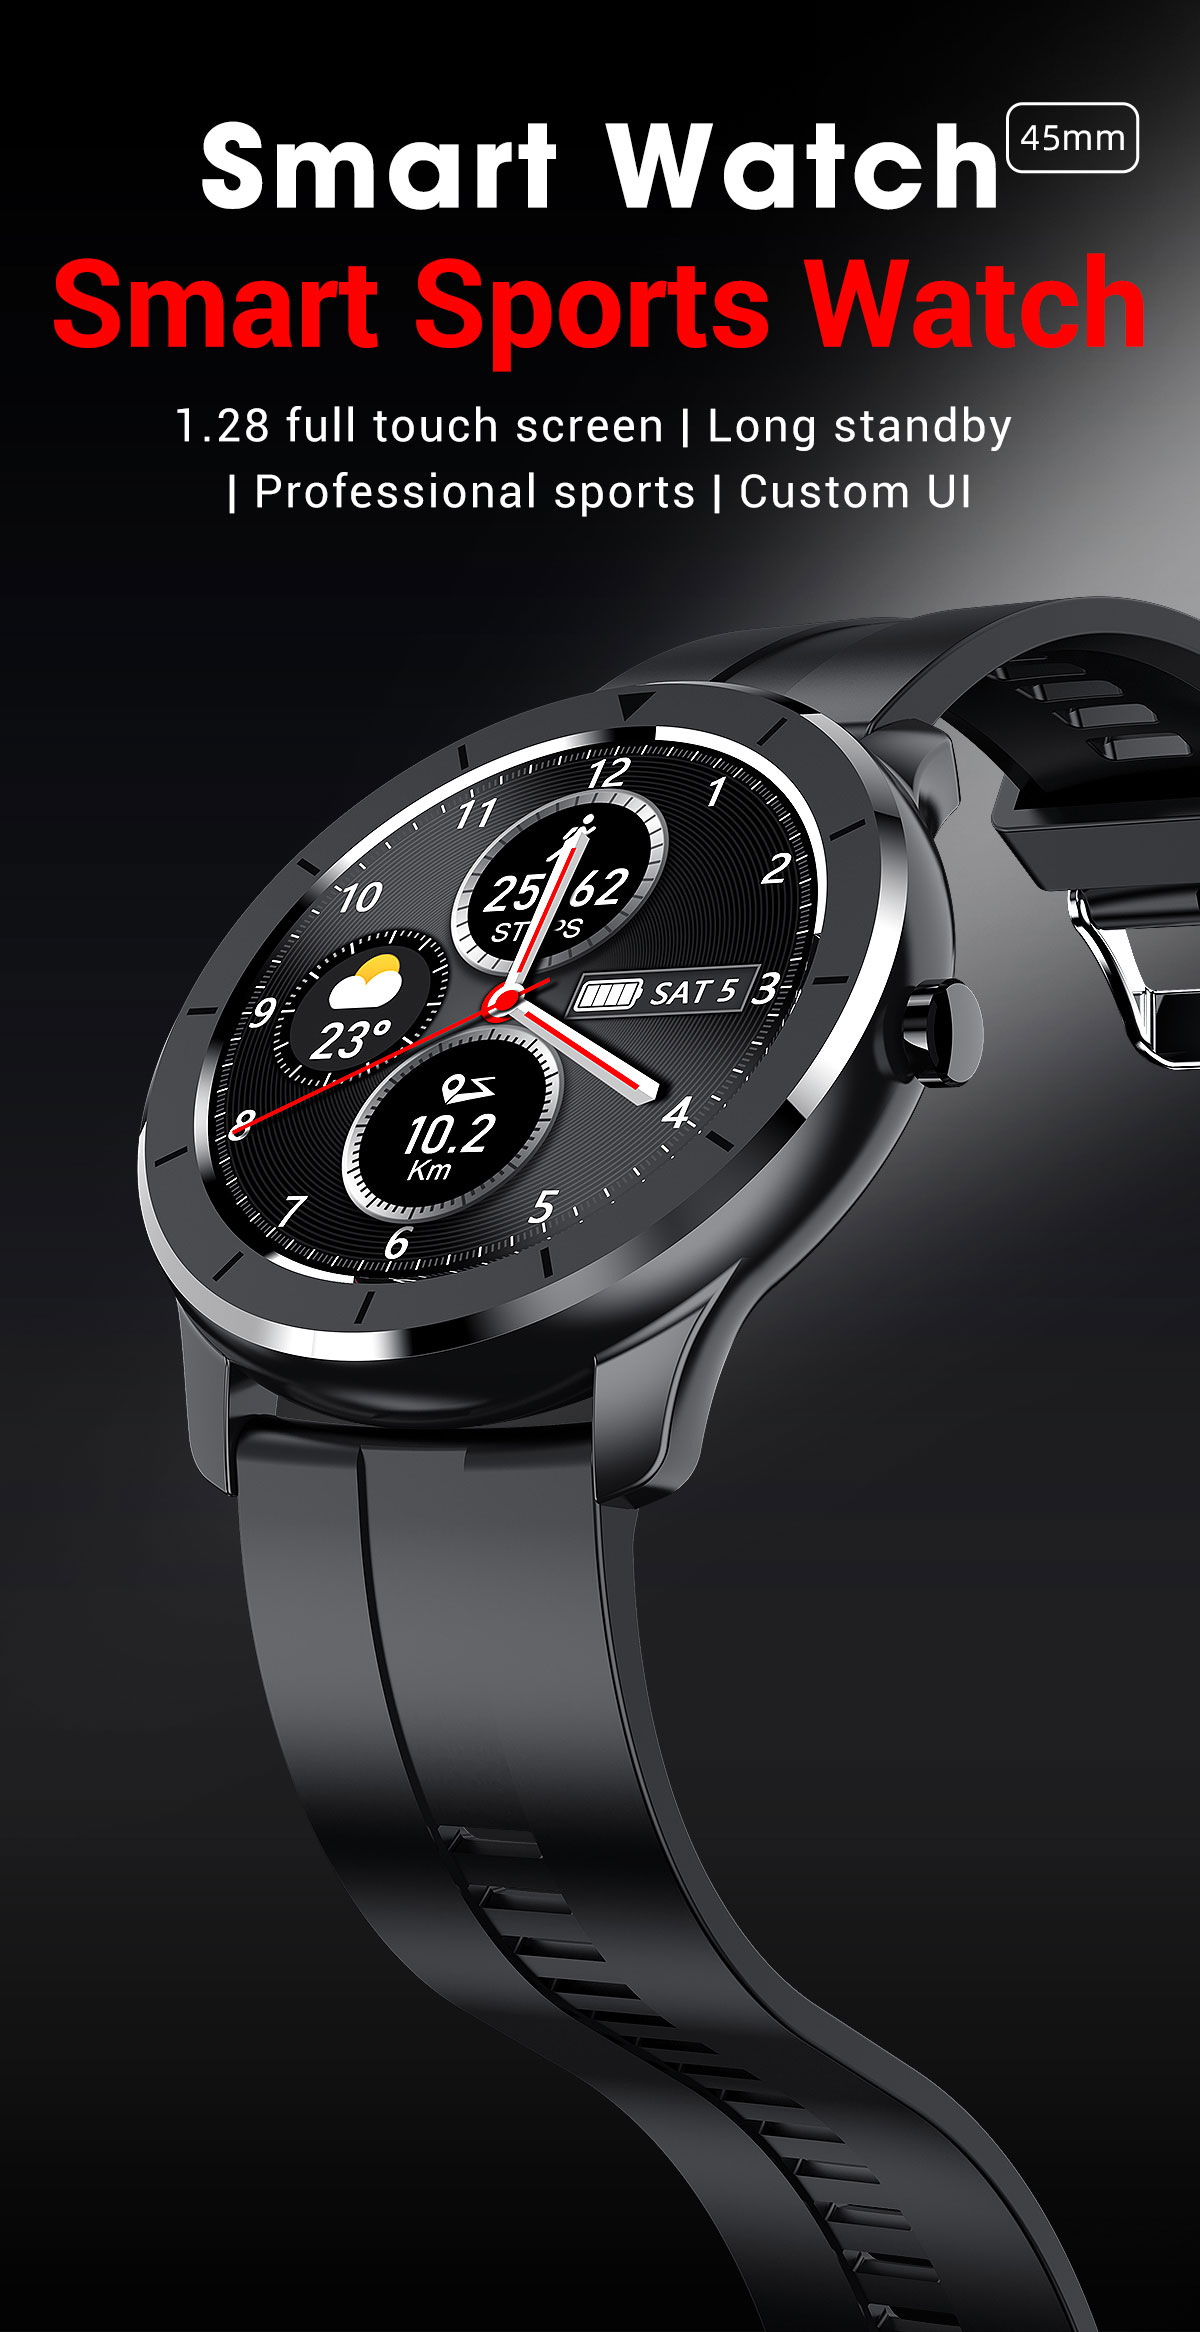 Hd42d197509e24ea1bedb5af718f57e624 LEMFO Full Touch Screen Smart Watch Waterproof Smartwatch Men